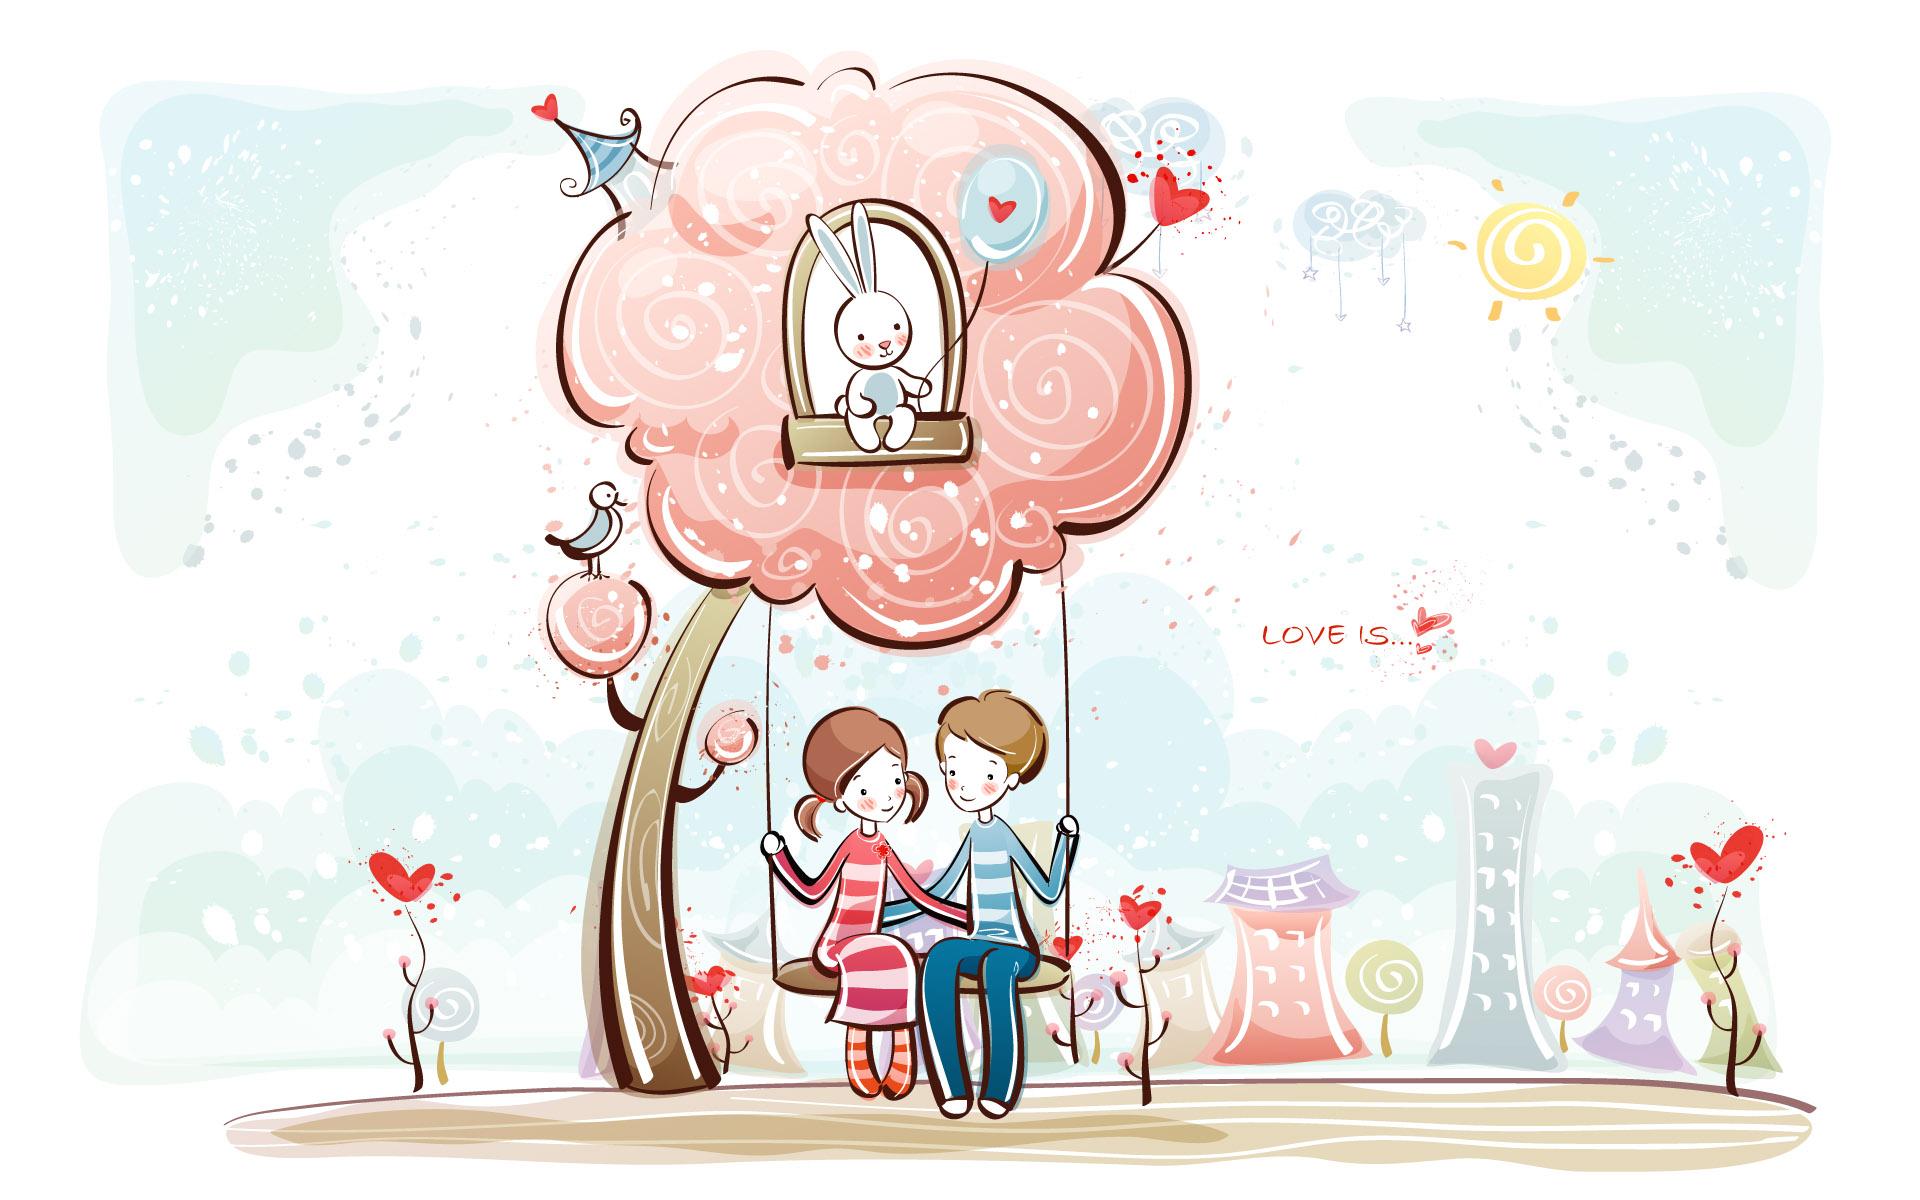 постер ко дню святого валентина крышу